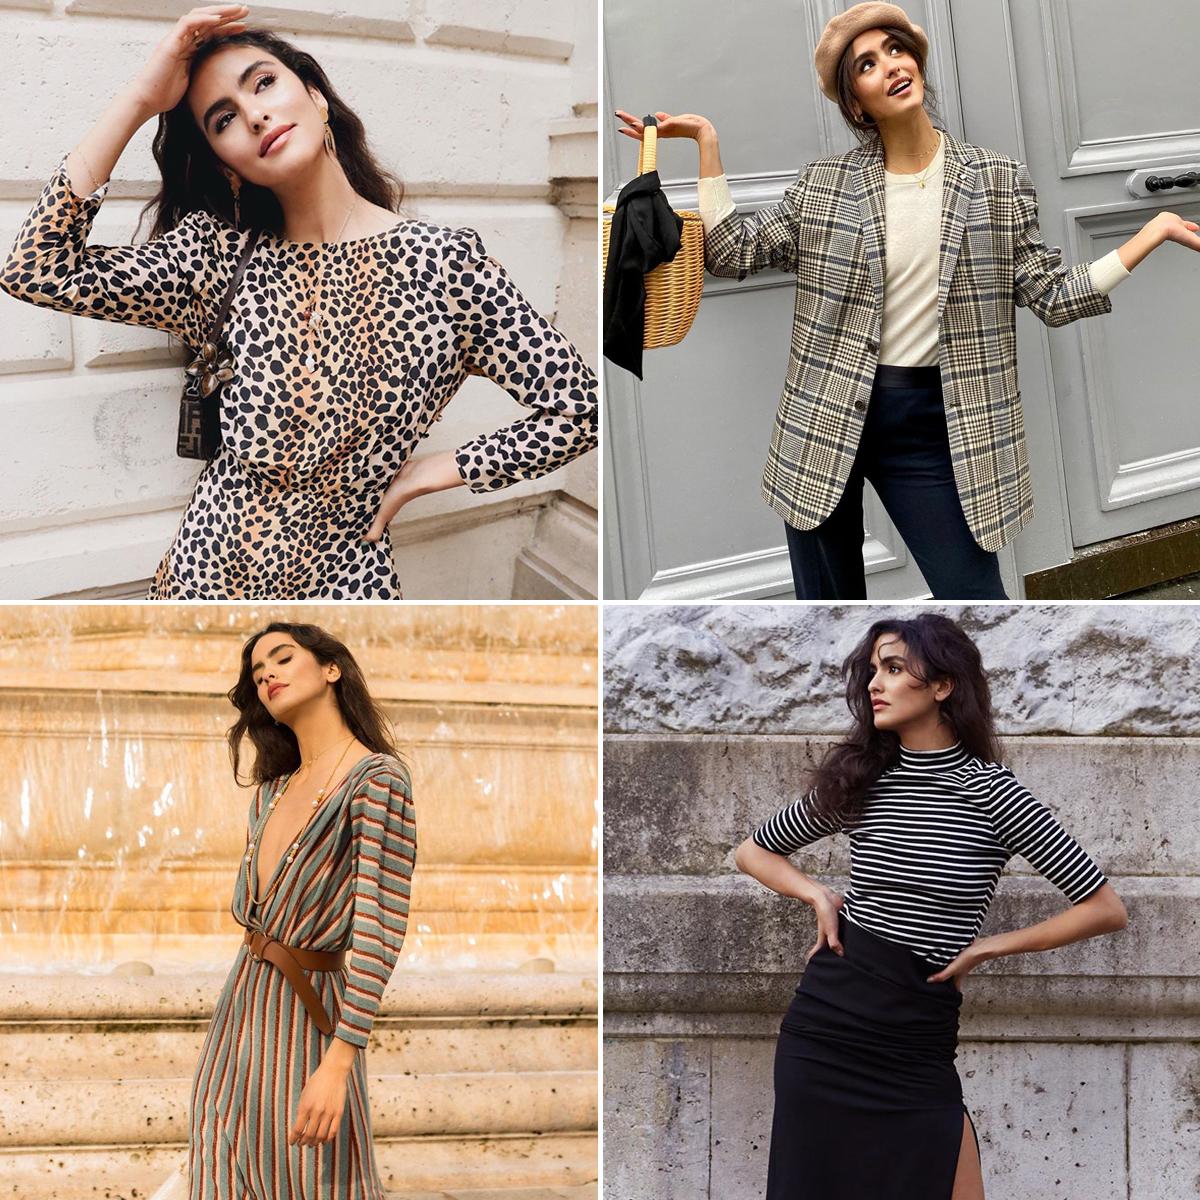 Phong cách thời trang Pháp của Juny Breeze